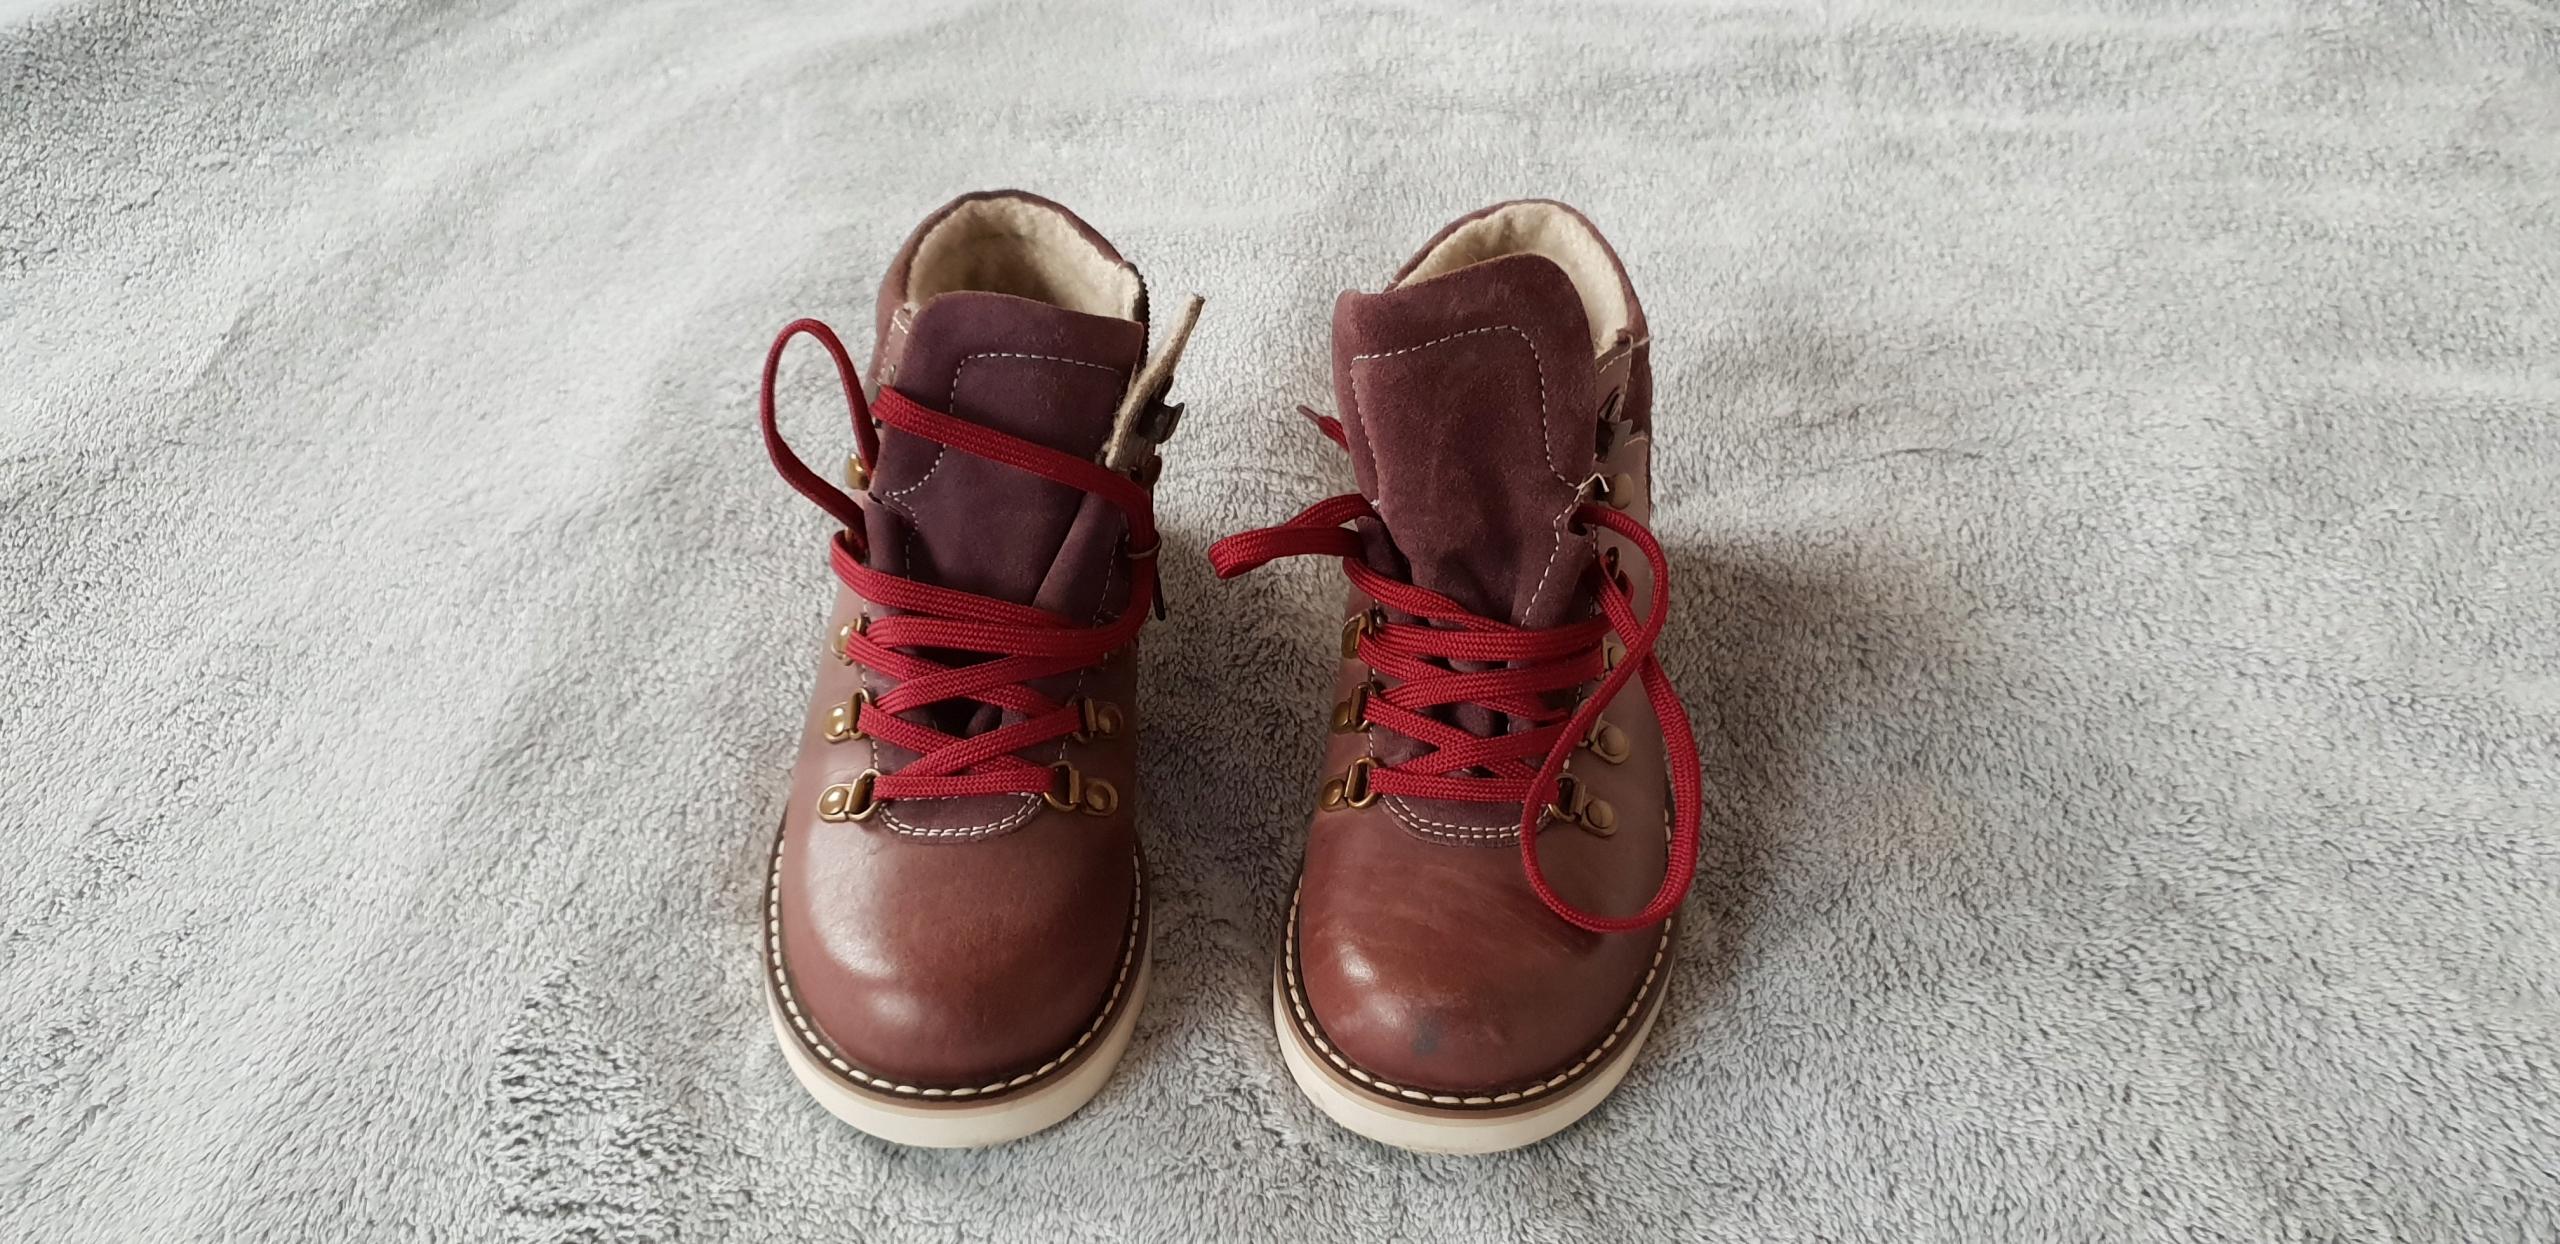 9b24ecae WEINBRENNER - buty dla chlopca, rozmiar 36 - 7652679514 - oficjalne ...